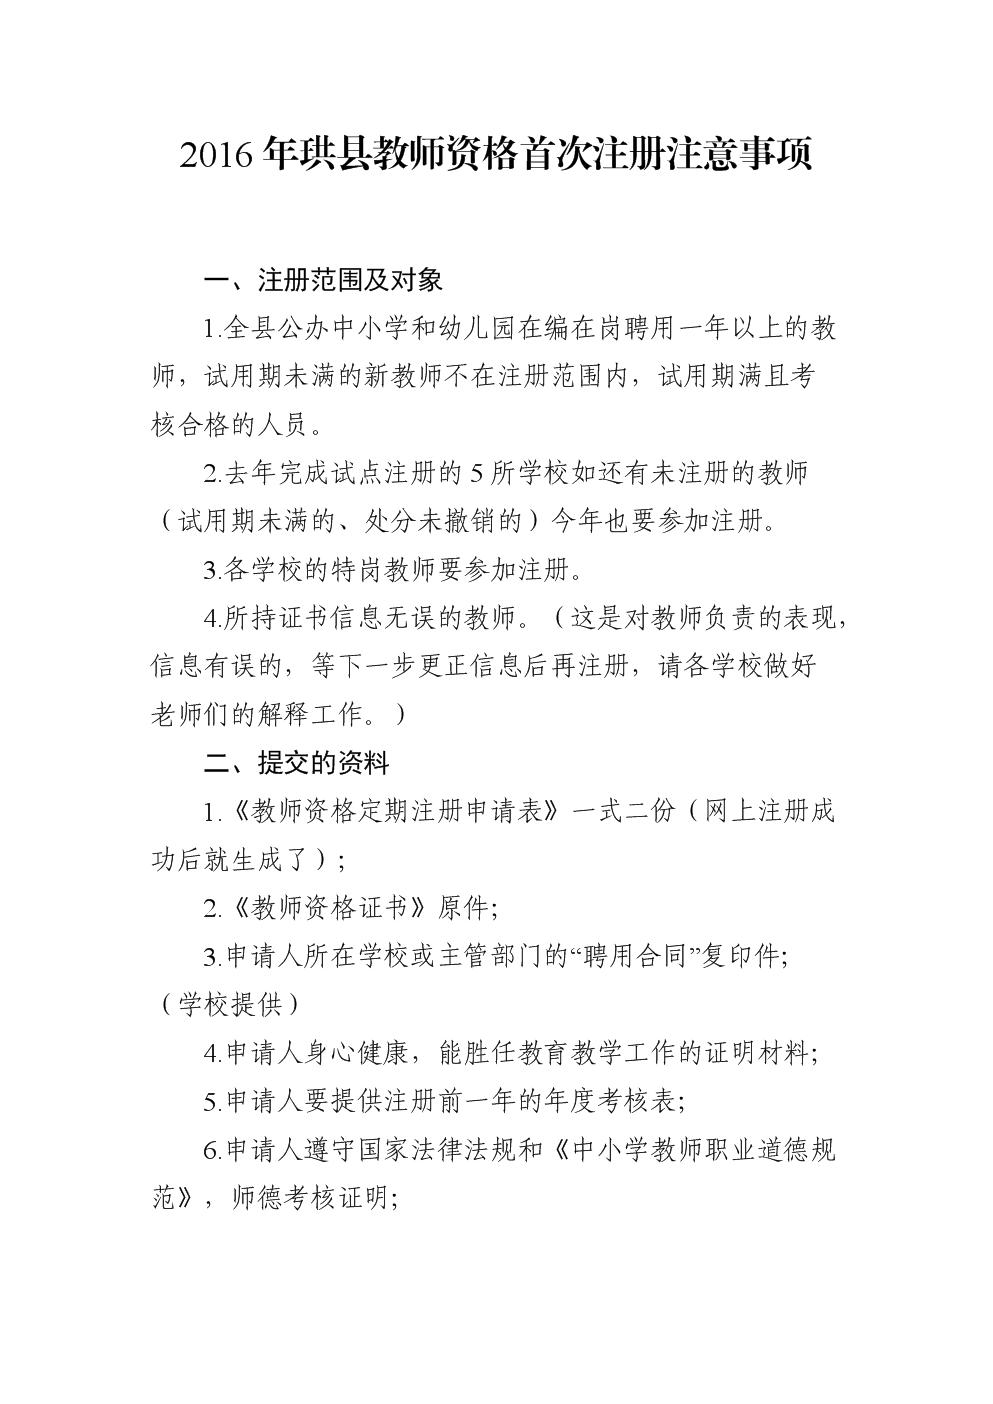 2016年珙教师资格首次注册注意事项.doc